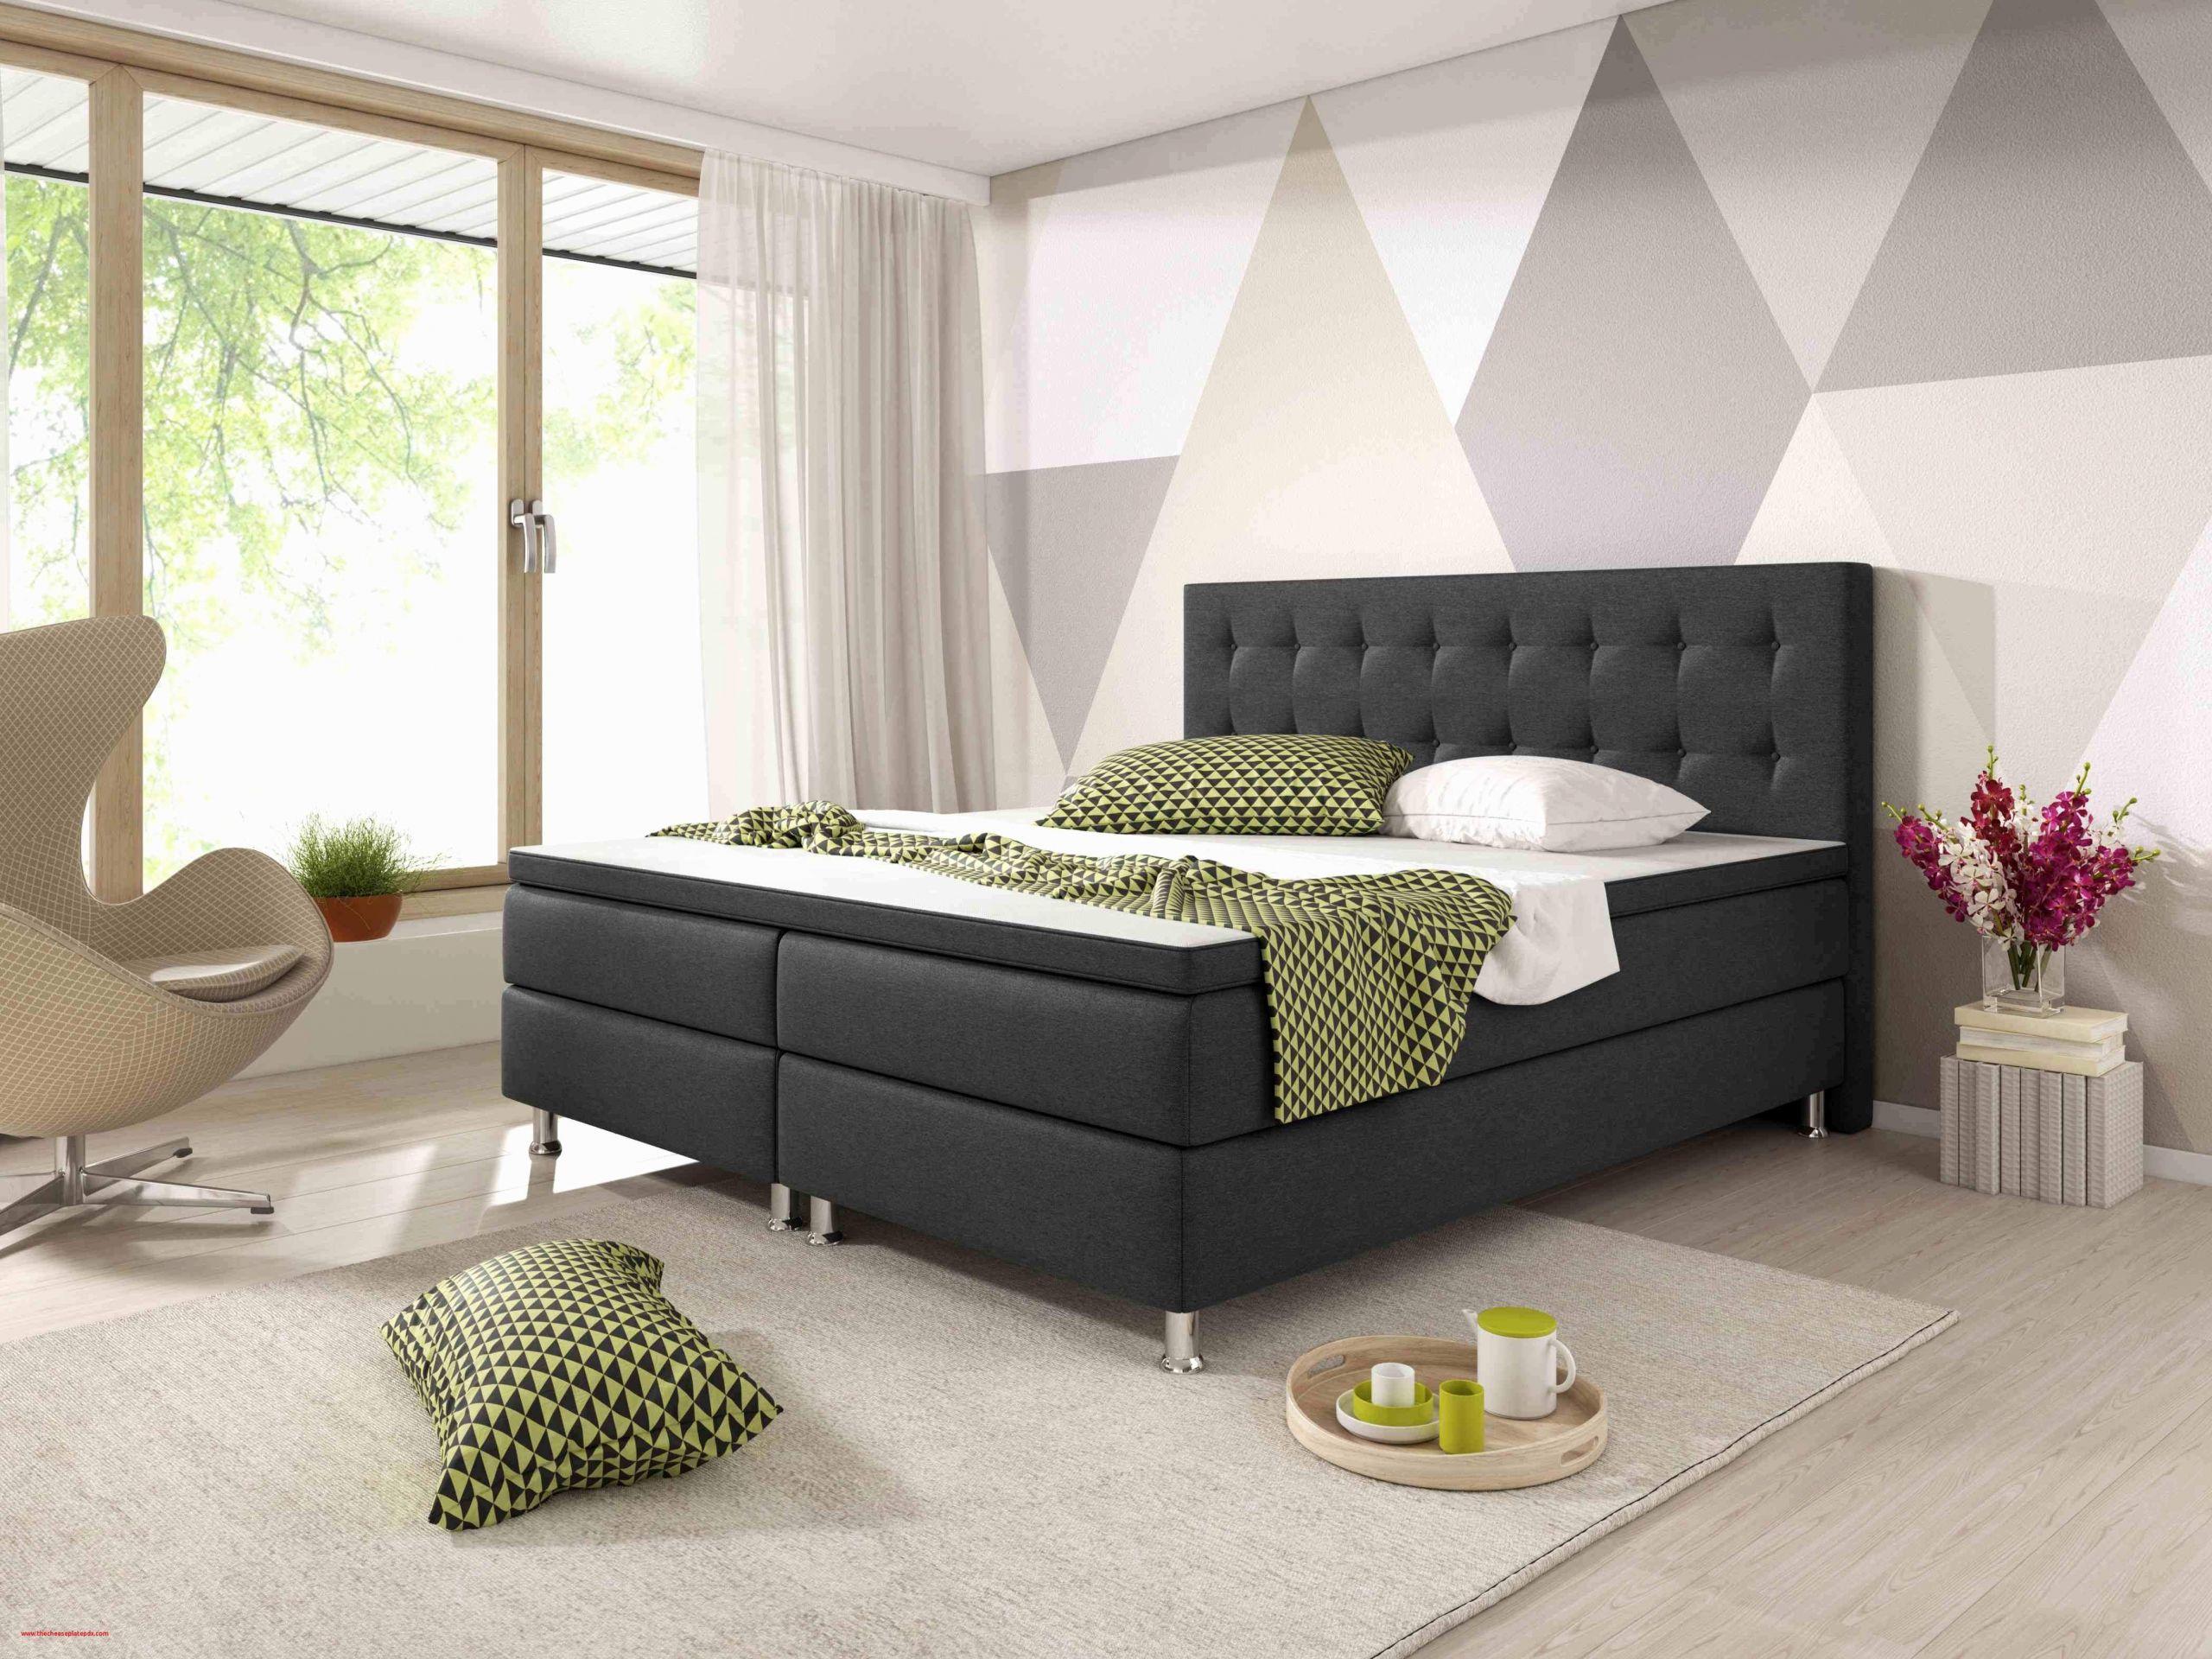 wanddeko wohnzimmer holz schon wanddeko holz metall das beste von neu eisen deko garten of wanddeko wohnzimmer holz